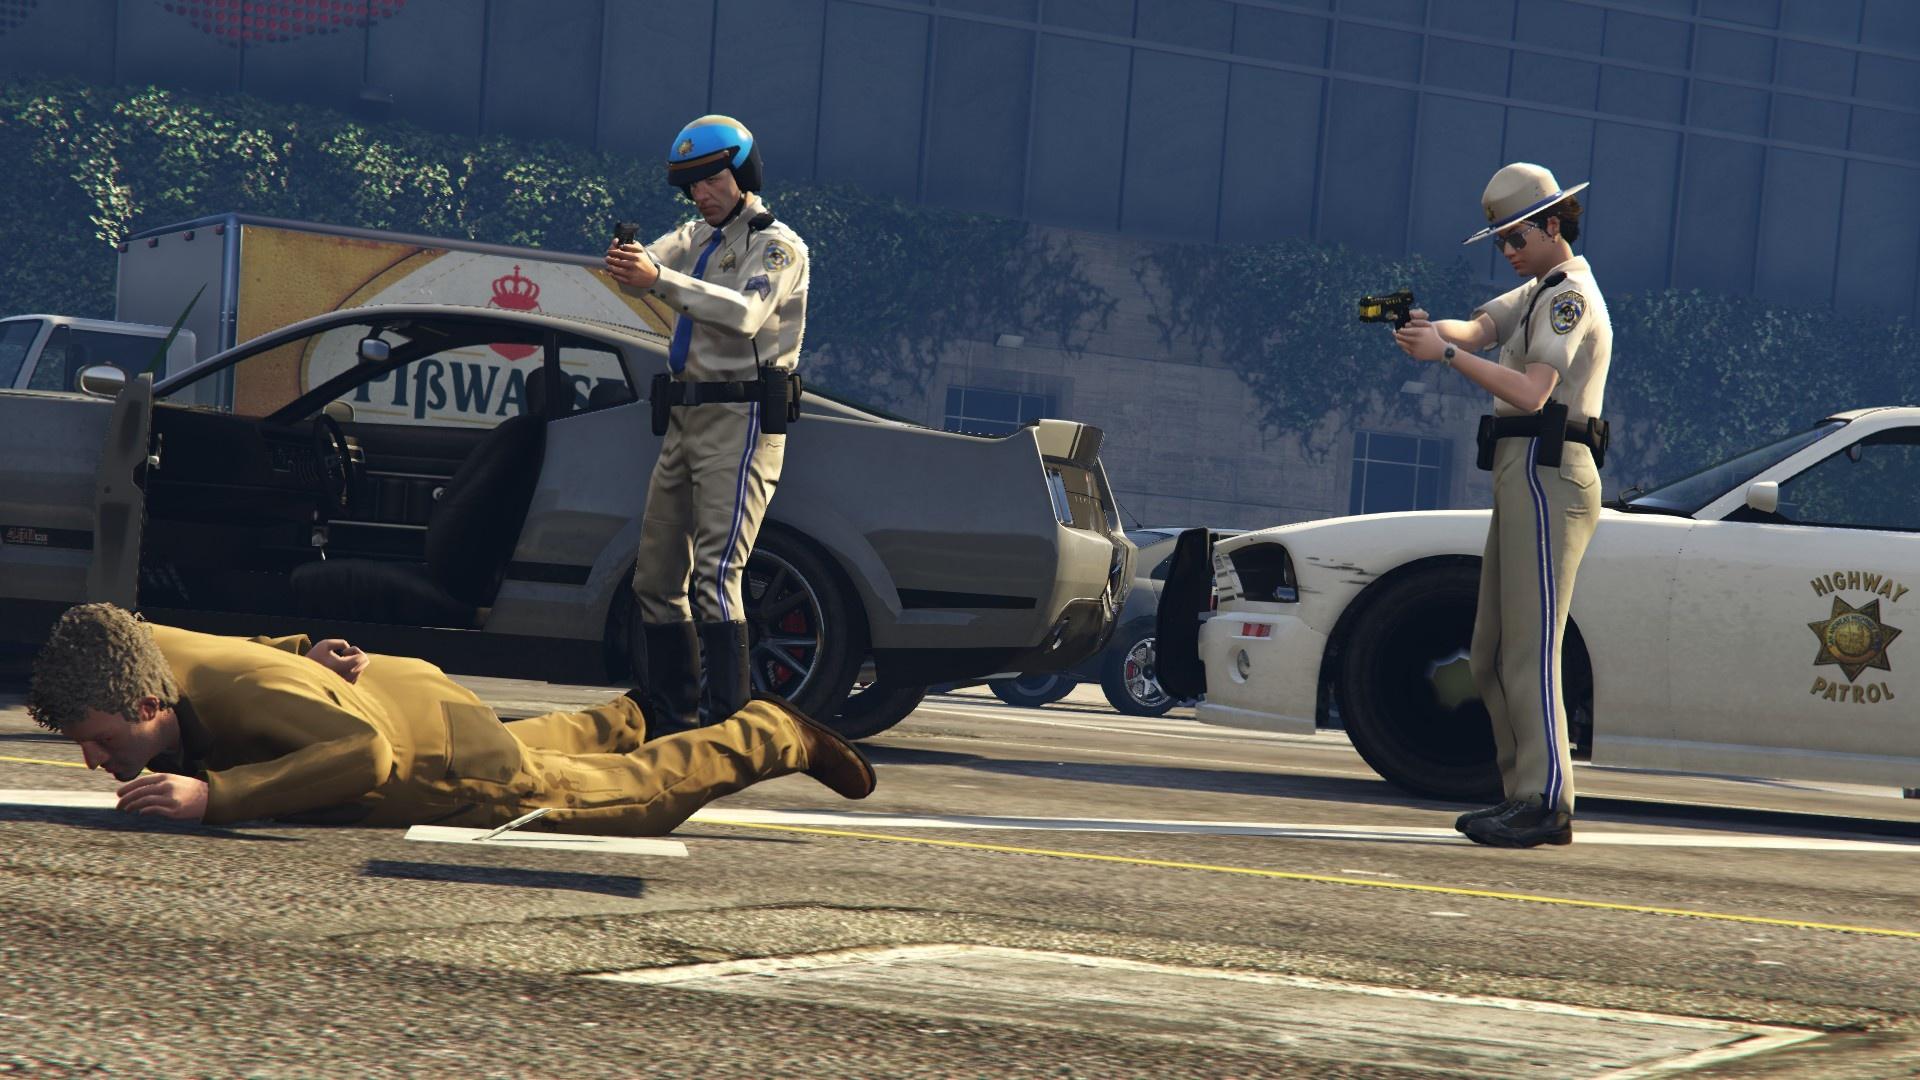 патрульные на дороге